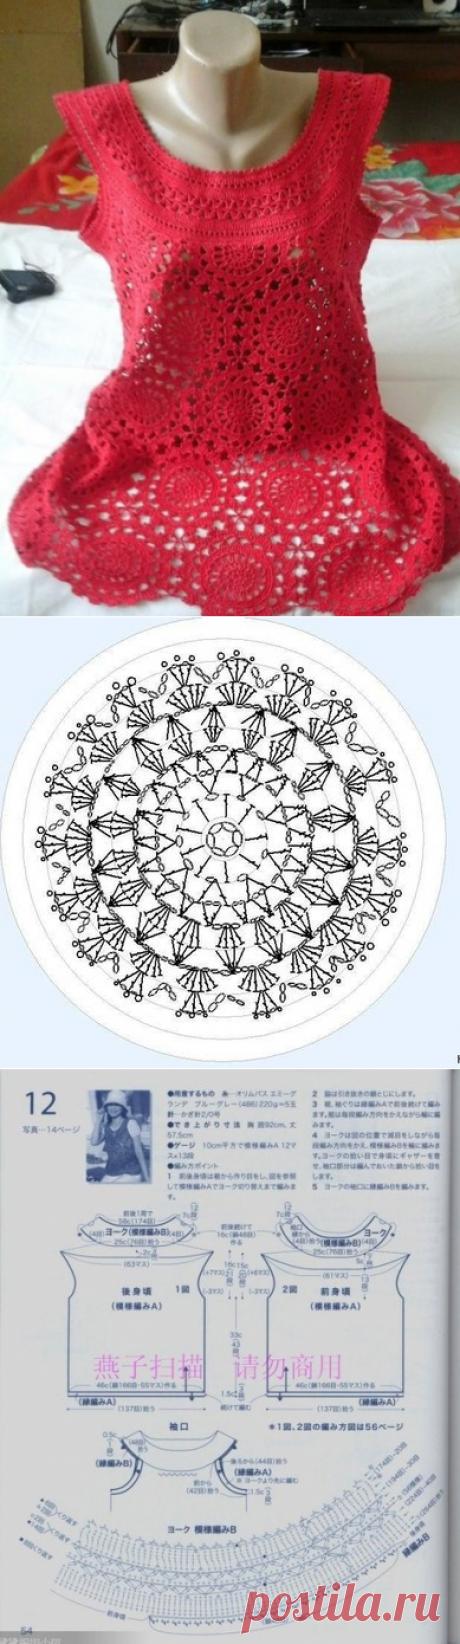 Красивая туника из мотивов . Красивая туника крючком | Лаборатория домашнего хозяйства